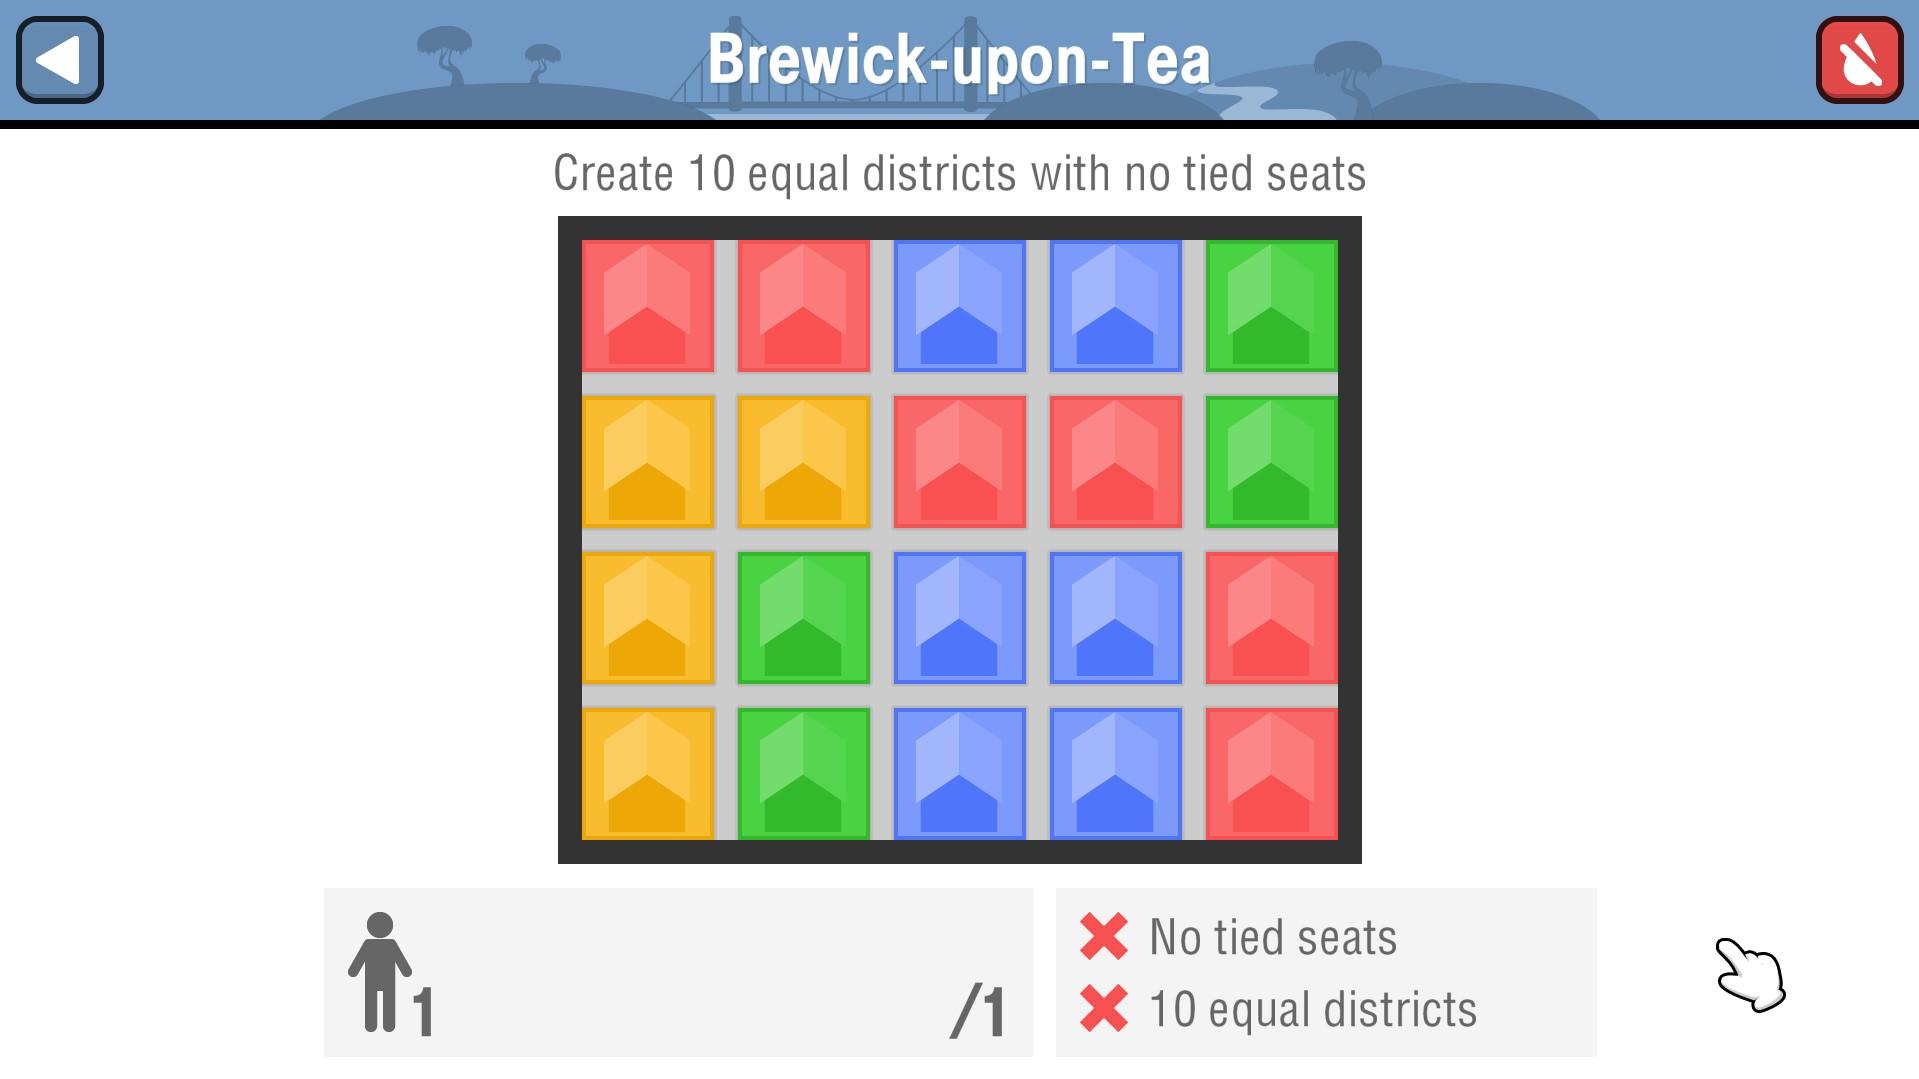 Brewick-upon-Tea